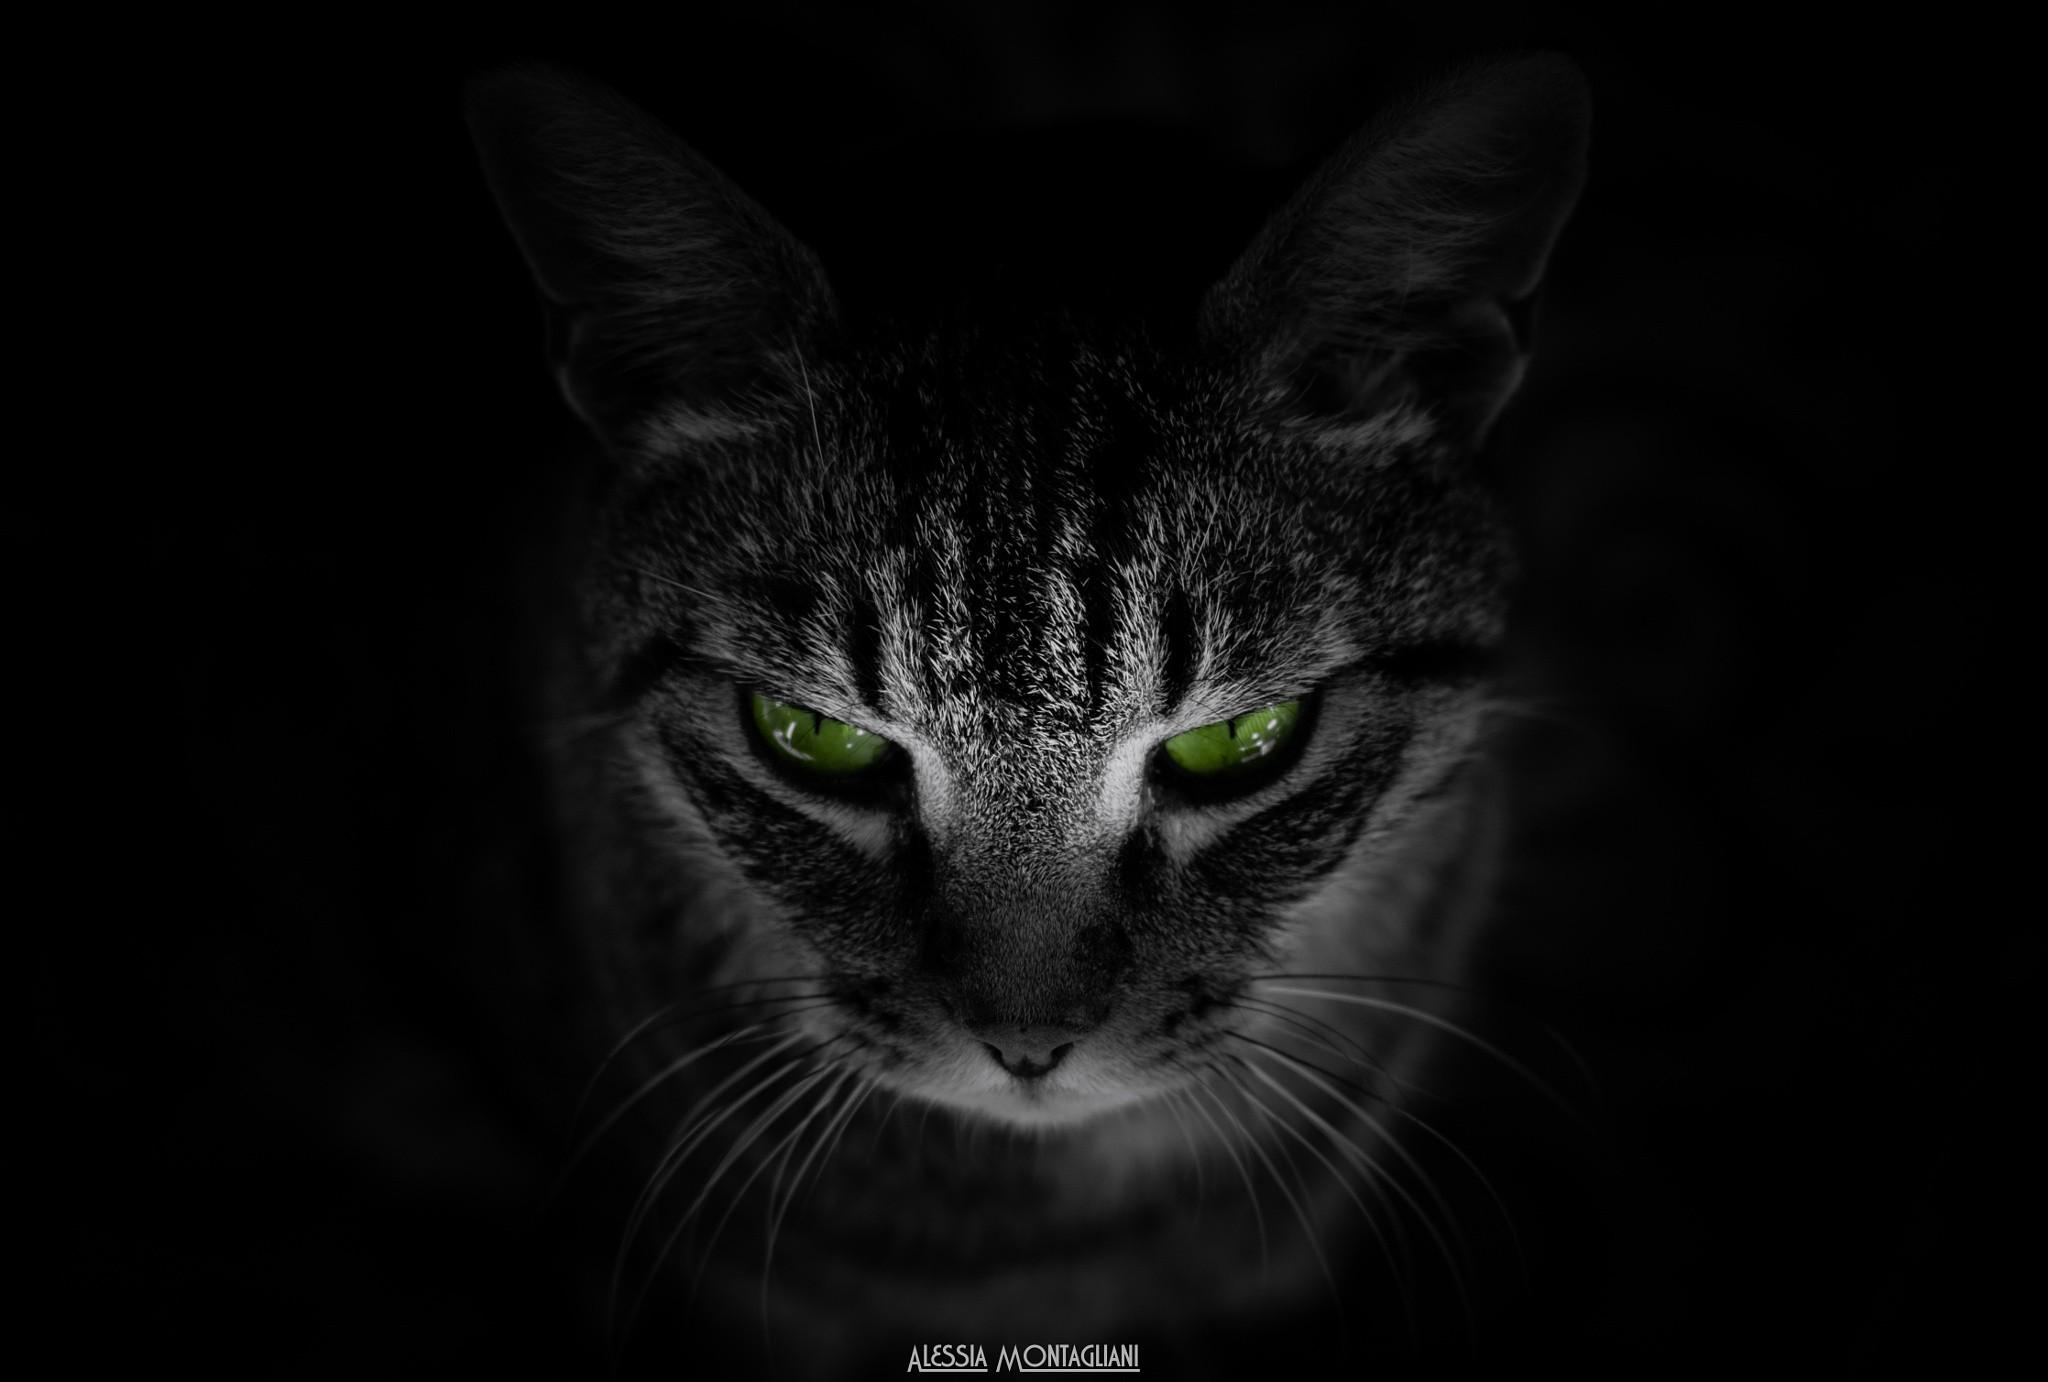 Black Cat Eyes Wallpaper - WallpaperSafari